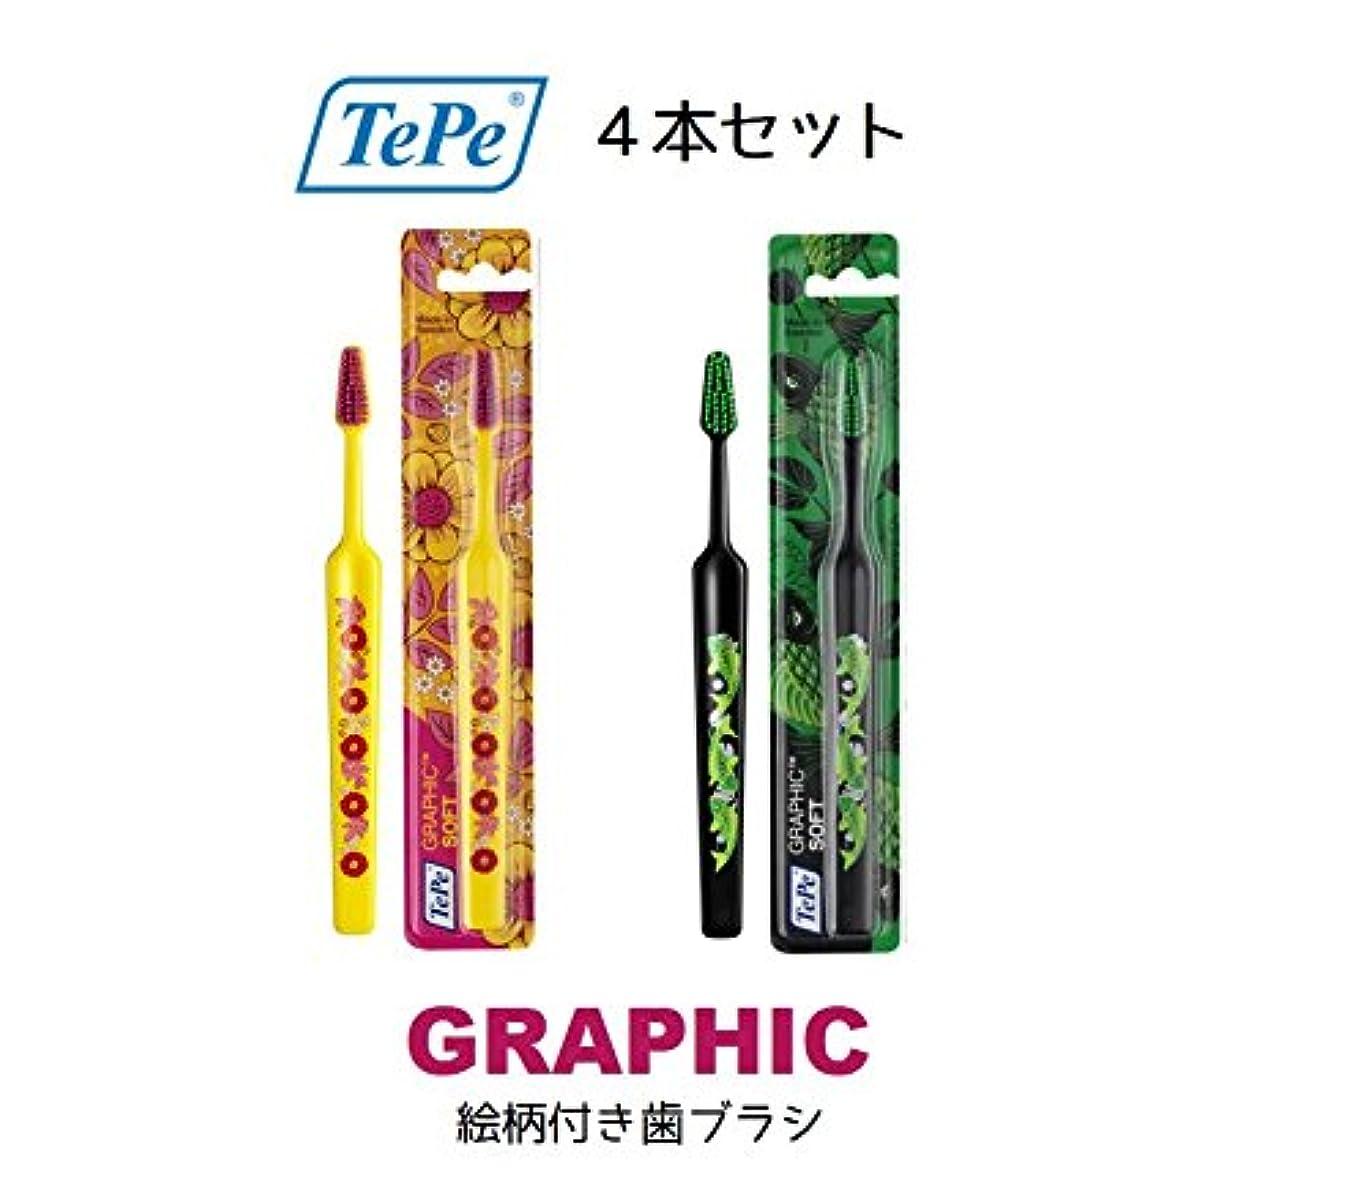 ウイルス測定可能厄介なテペ グラフィック ソフト 4本セット TePe Graphic soft (イエロー?ピンクとブラックグリーンのミックス)